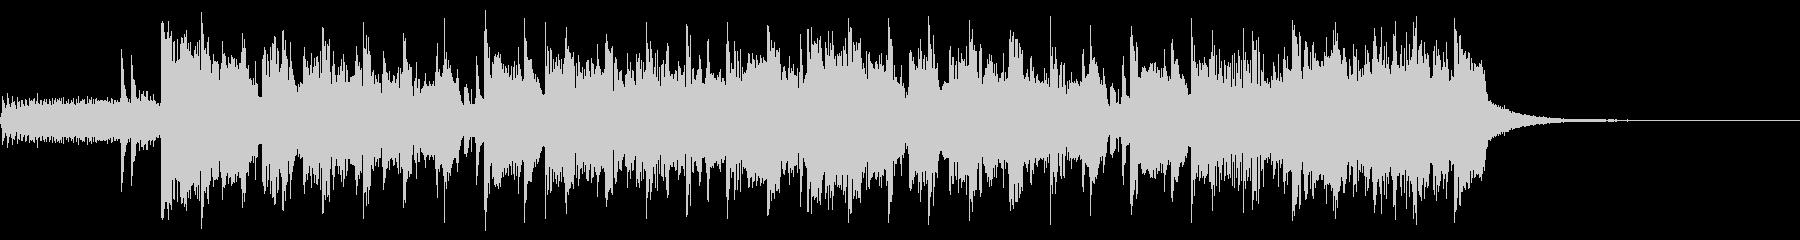 ディスクゴーの未再生の波形